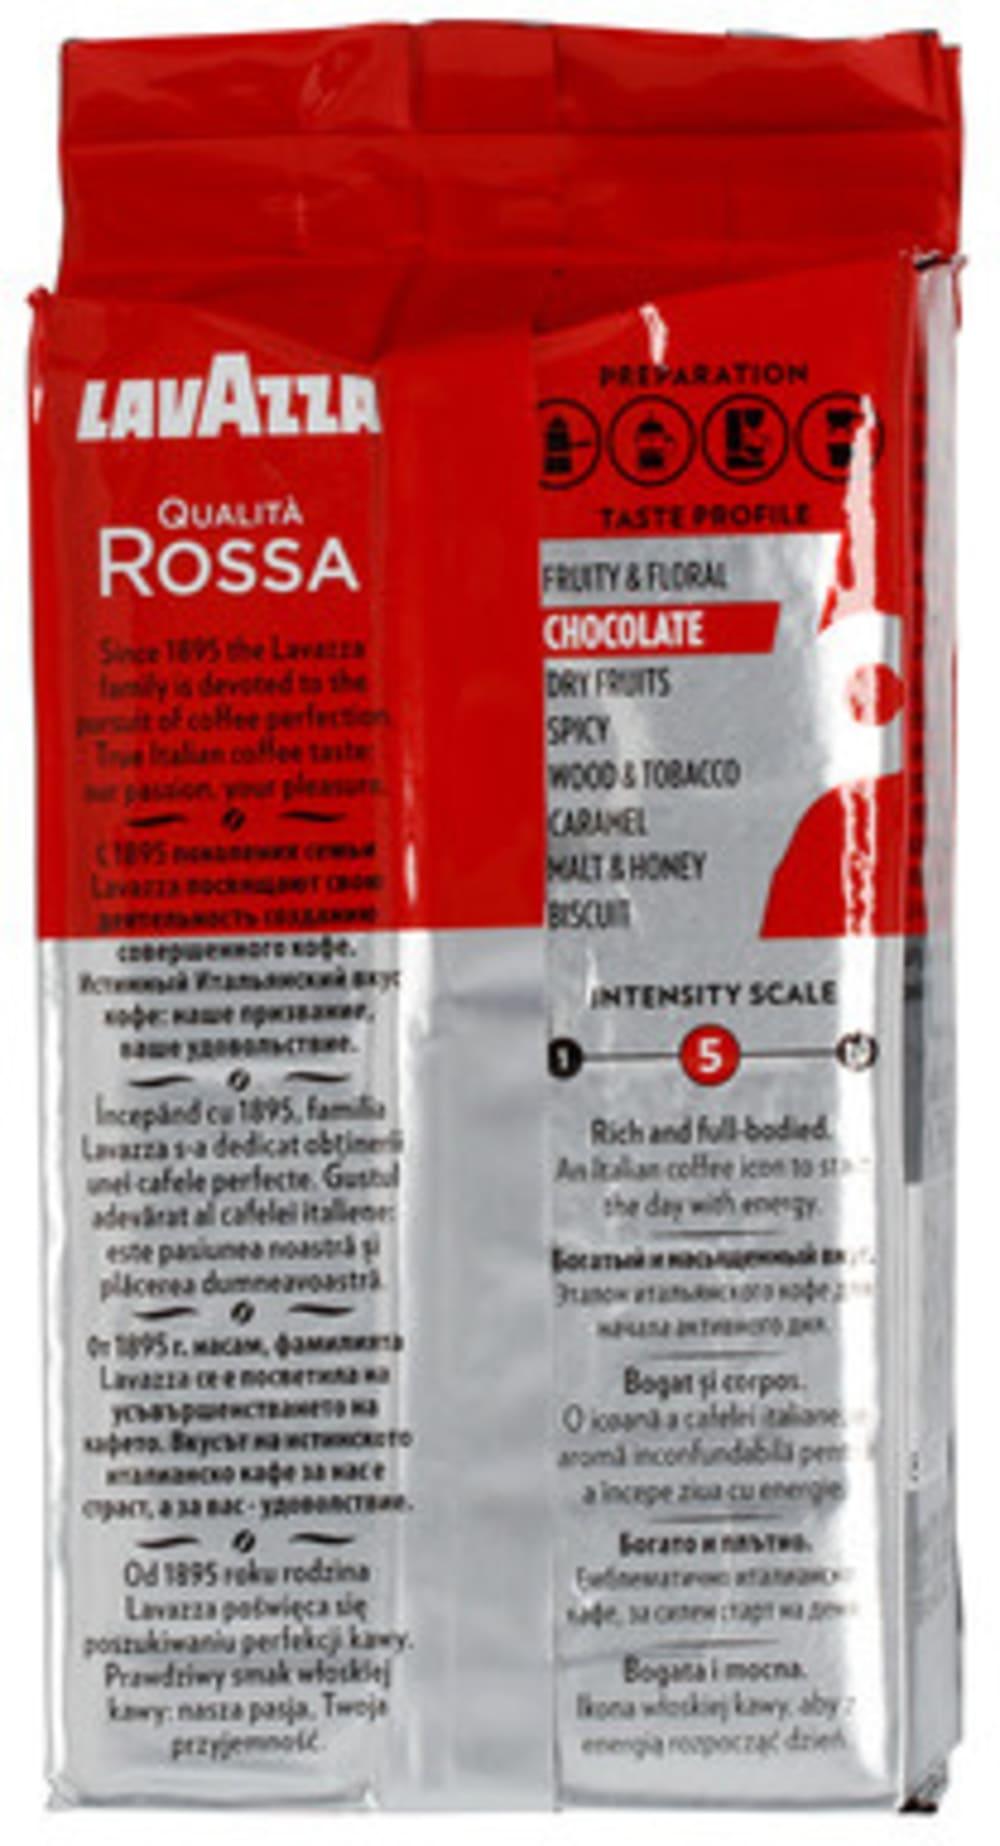 Kawa mielona 250g Lavazza Qualità Rossa